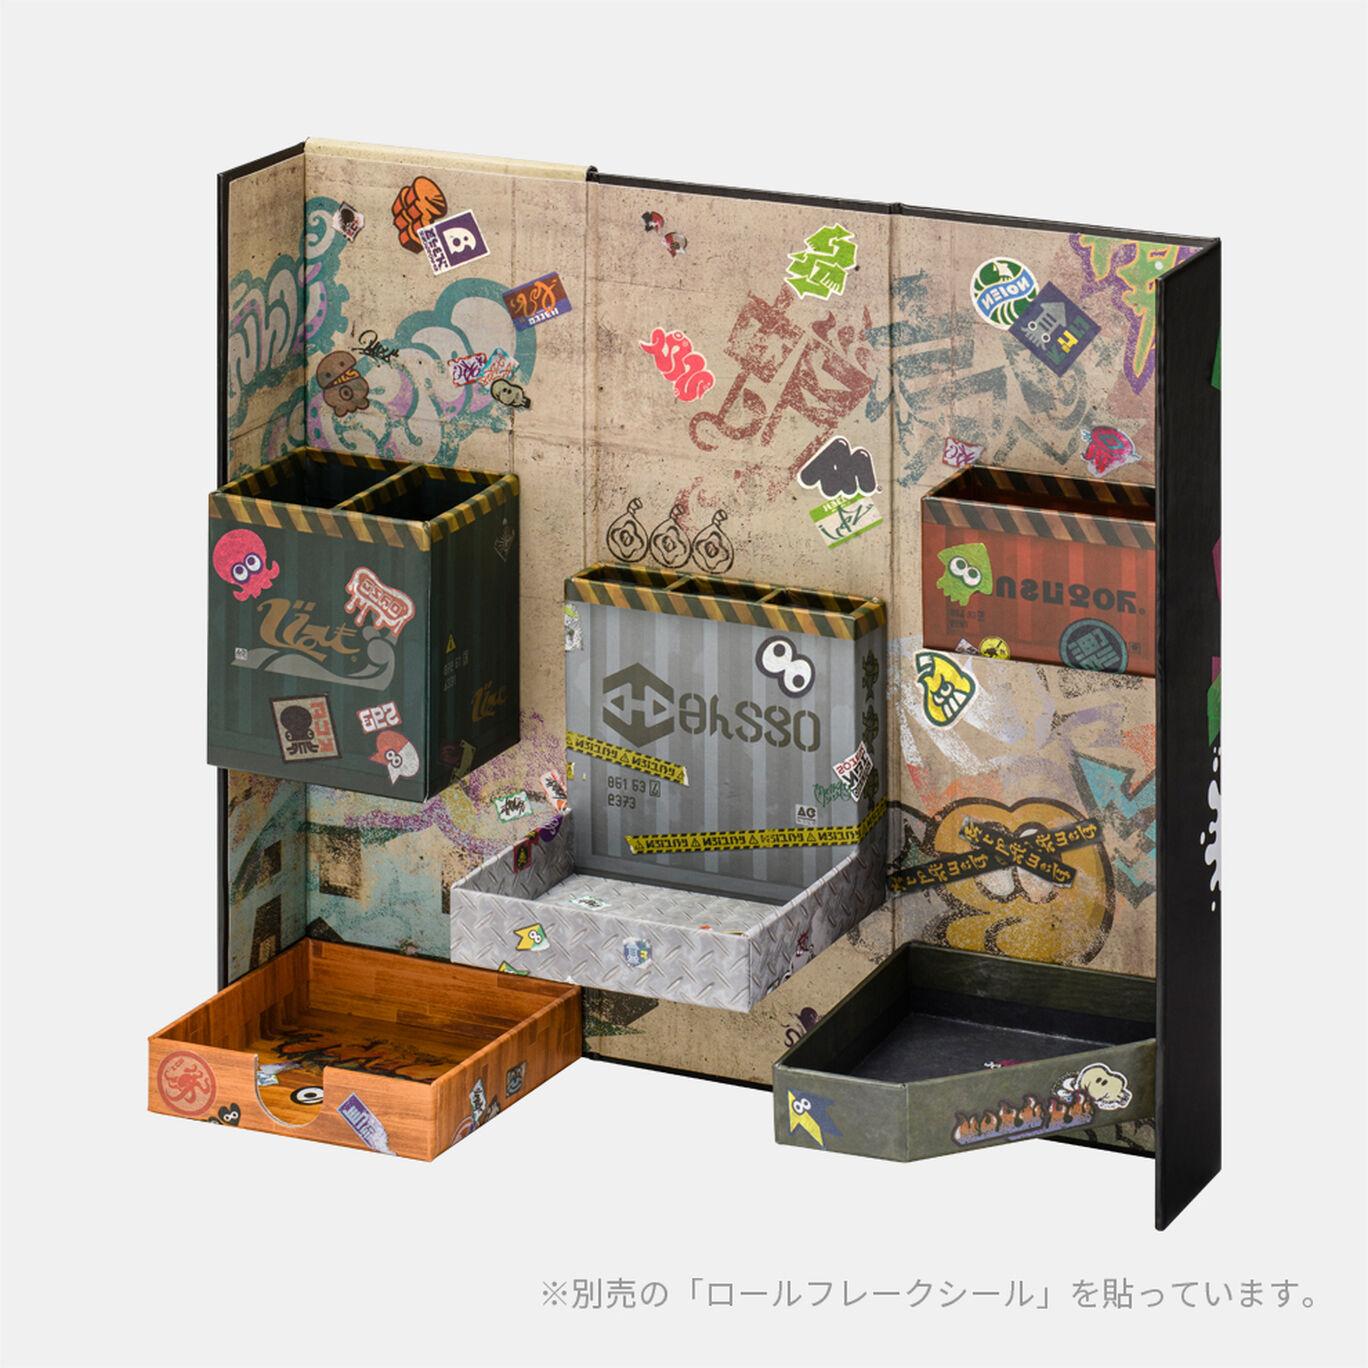 【新商品】ステーショナリーボックス SQUID or OCTO Splatoon【Nintendo TOKYO取り扱い商品】